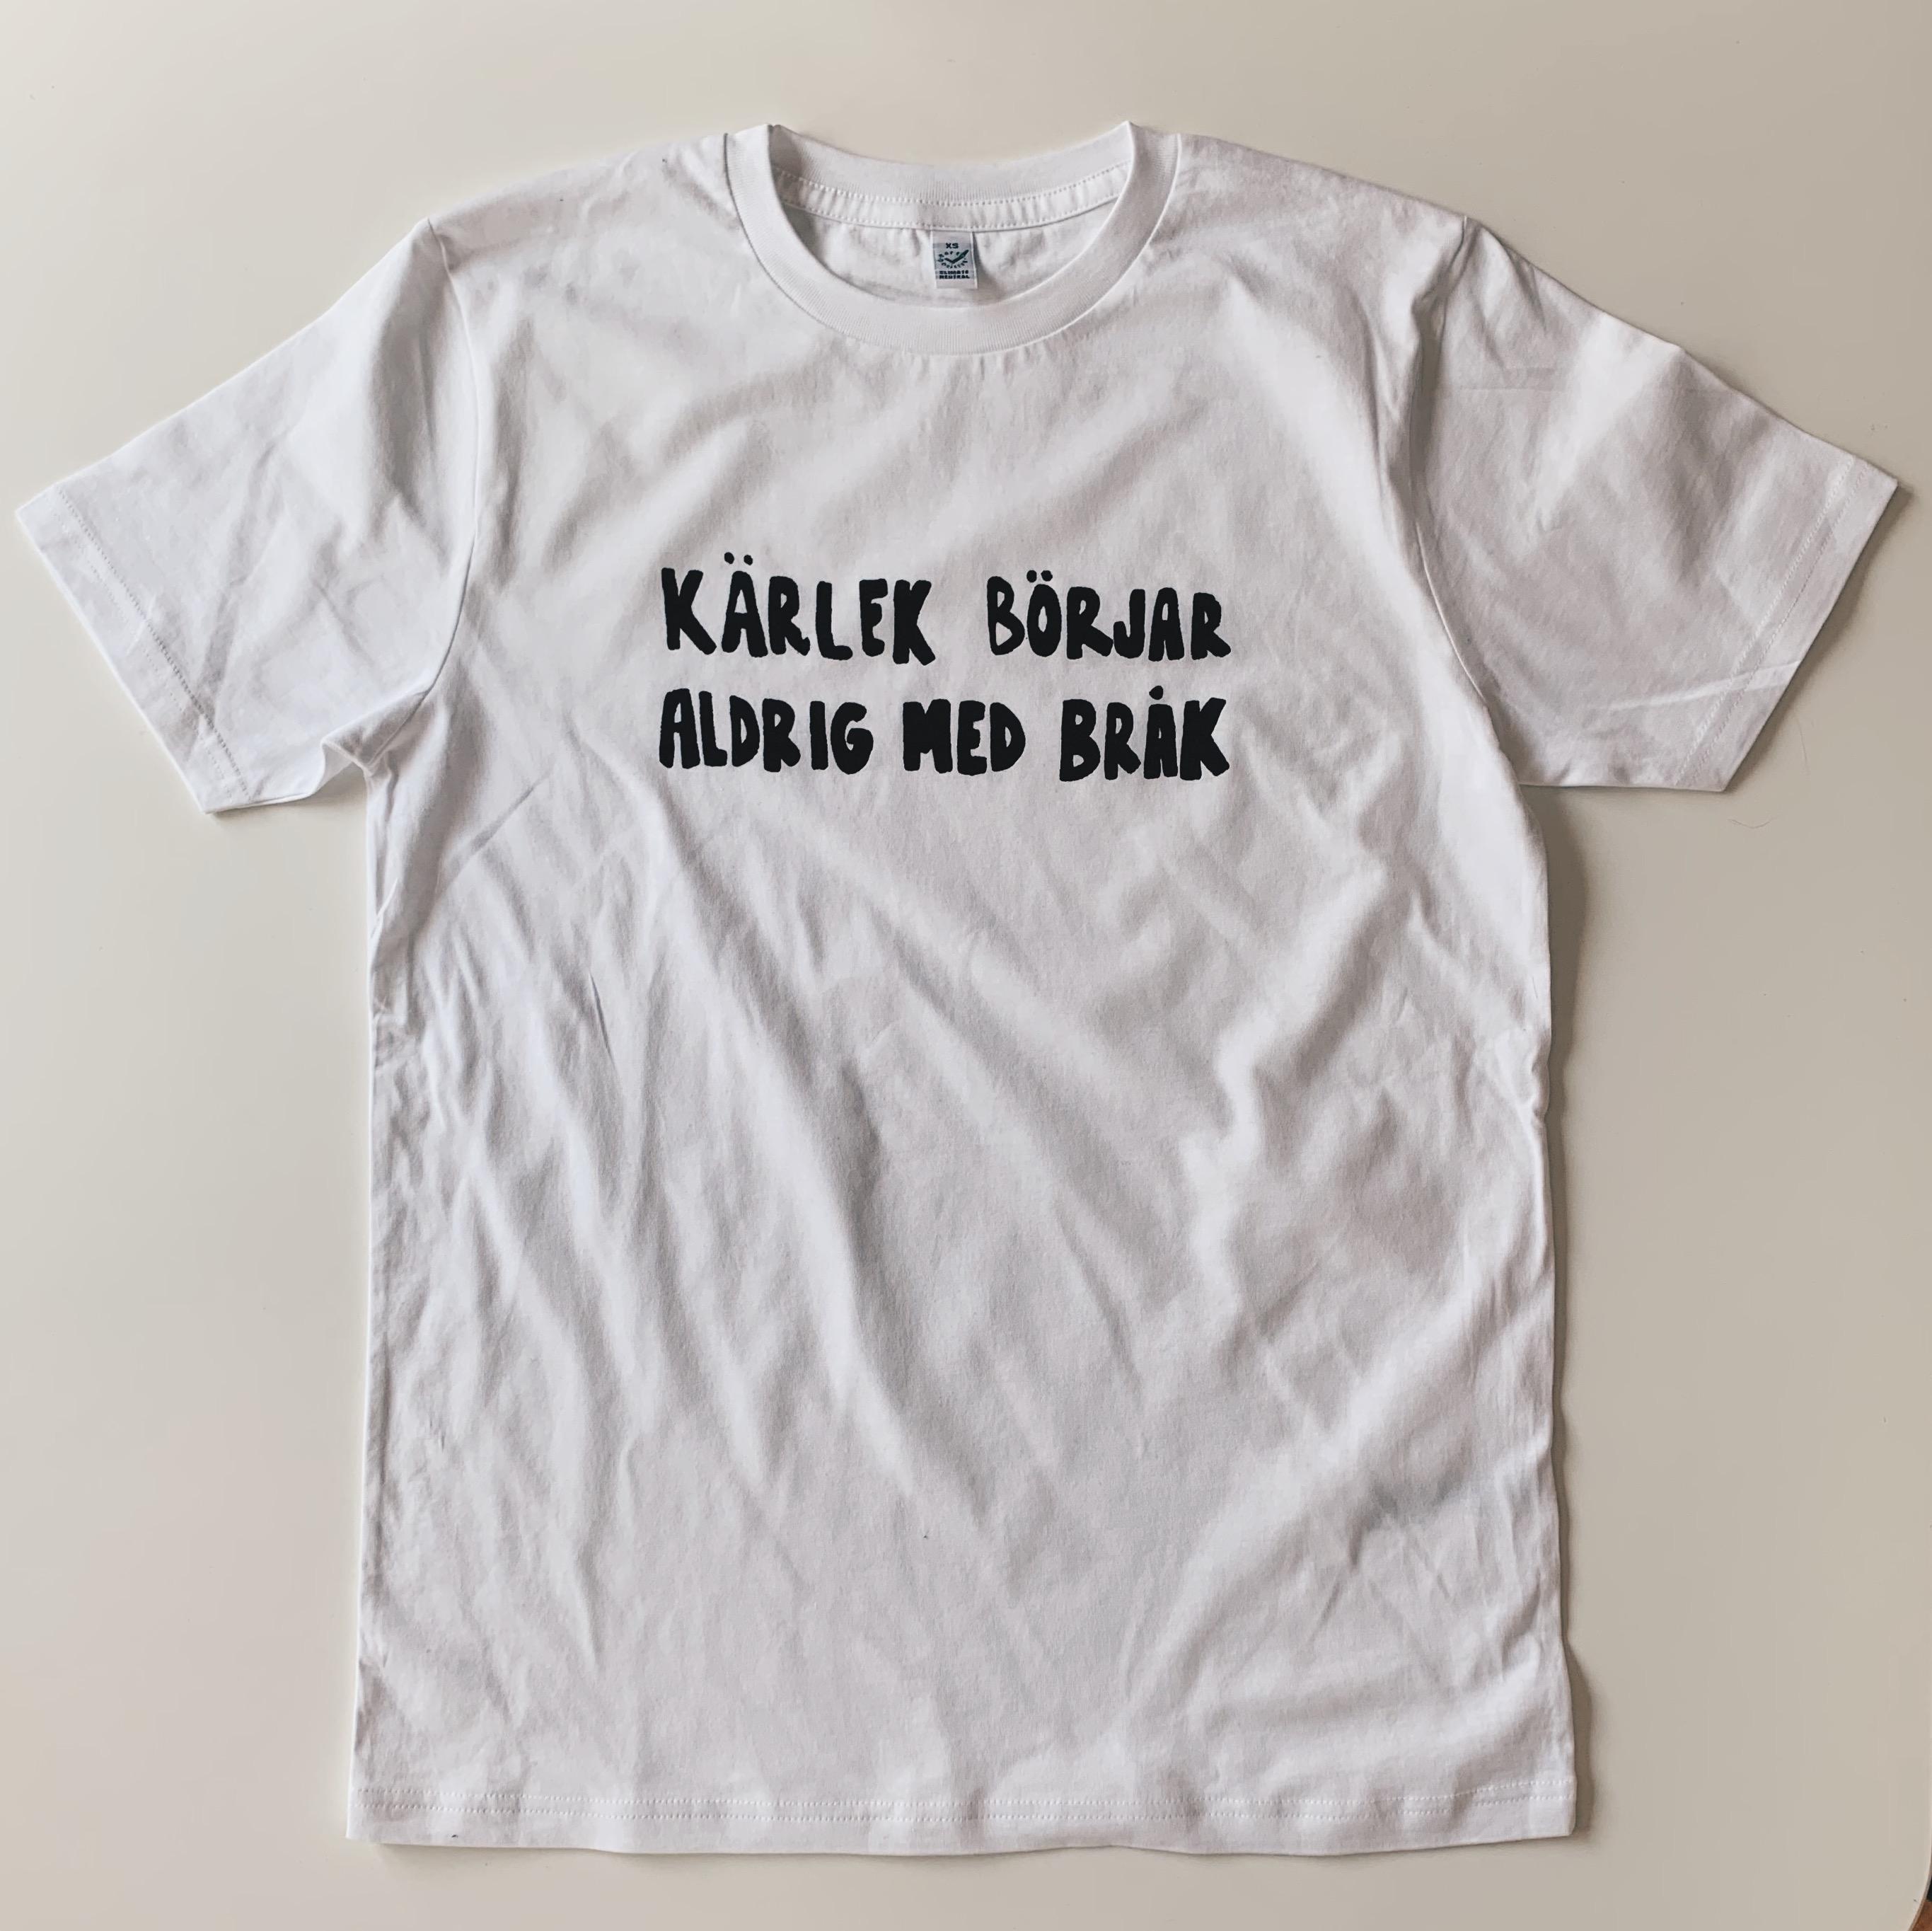 Vit T-shirt i unisexmodell – Kärlek börjar aldrig med bråk